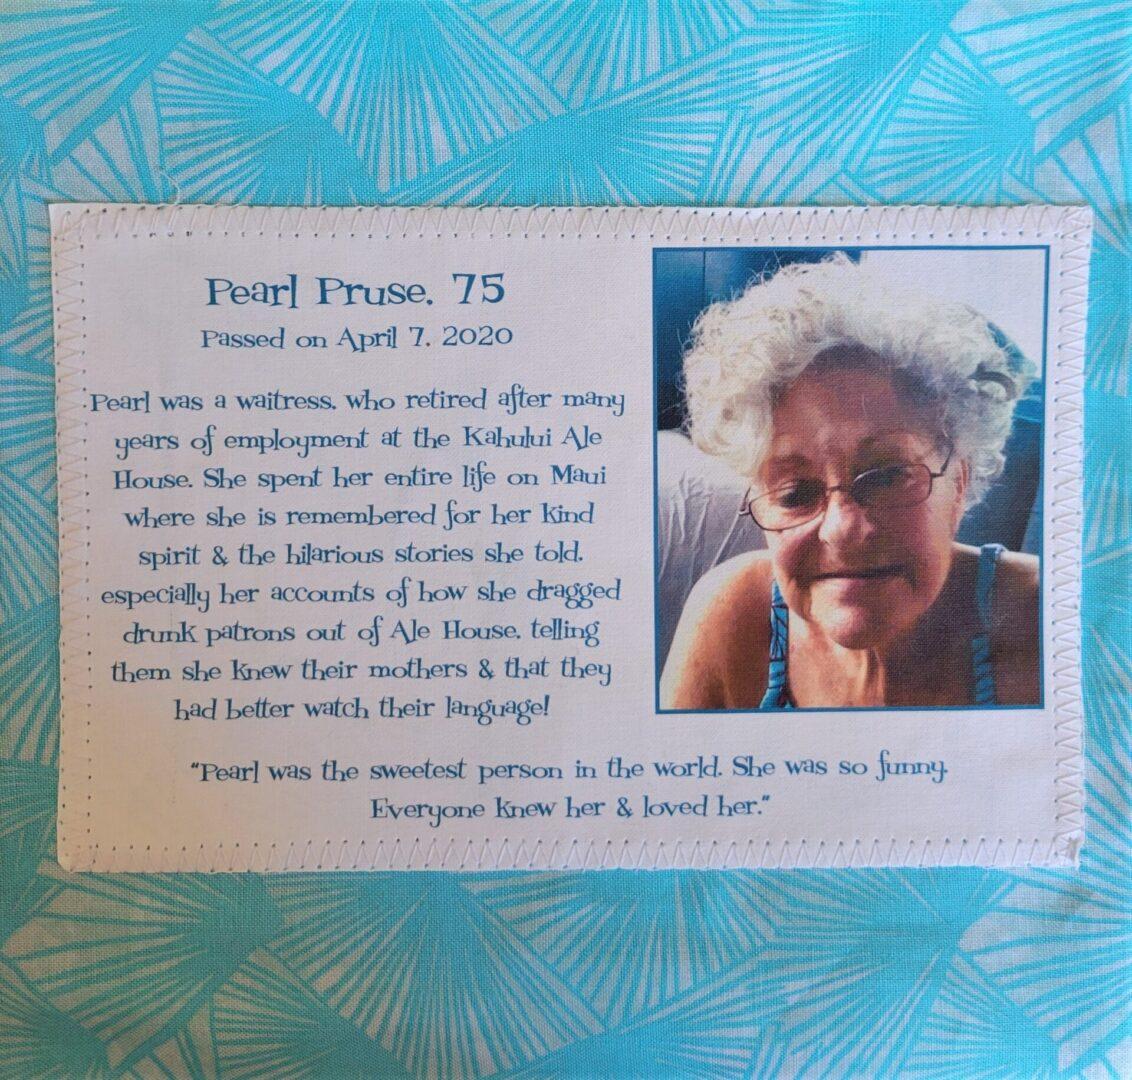 IN MEMORY OF PEARL PRUSE - APRIL 7, 2020